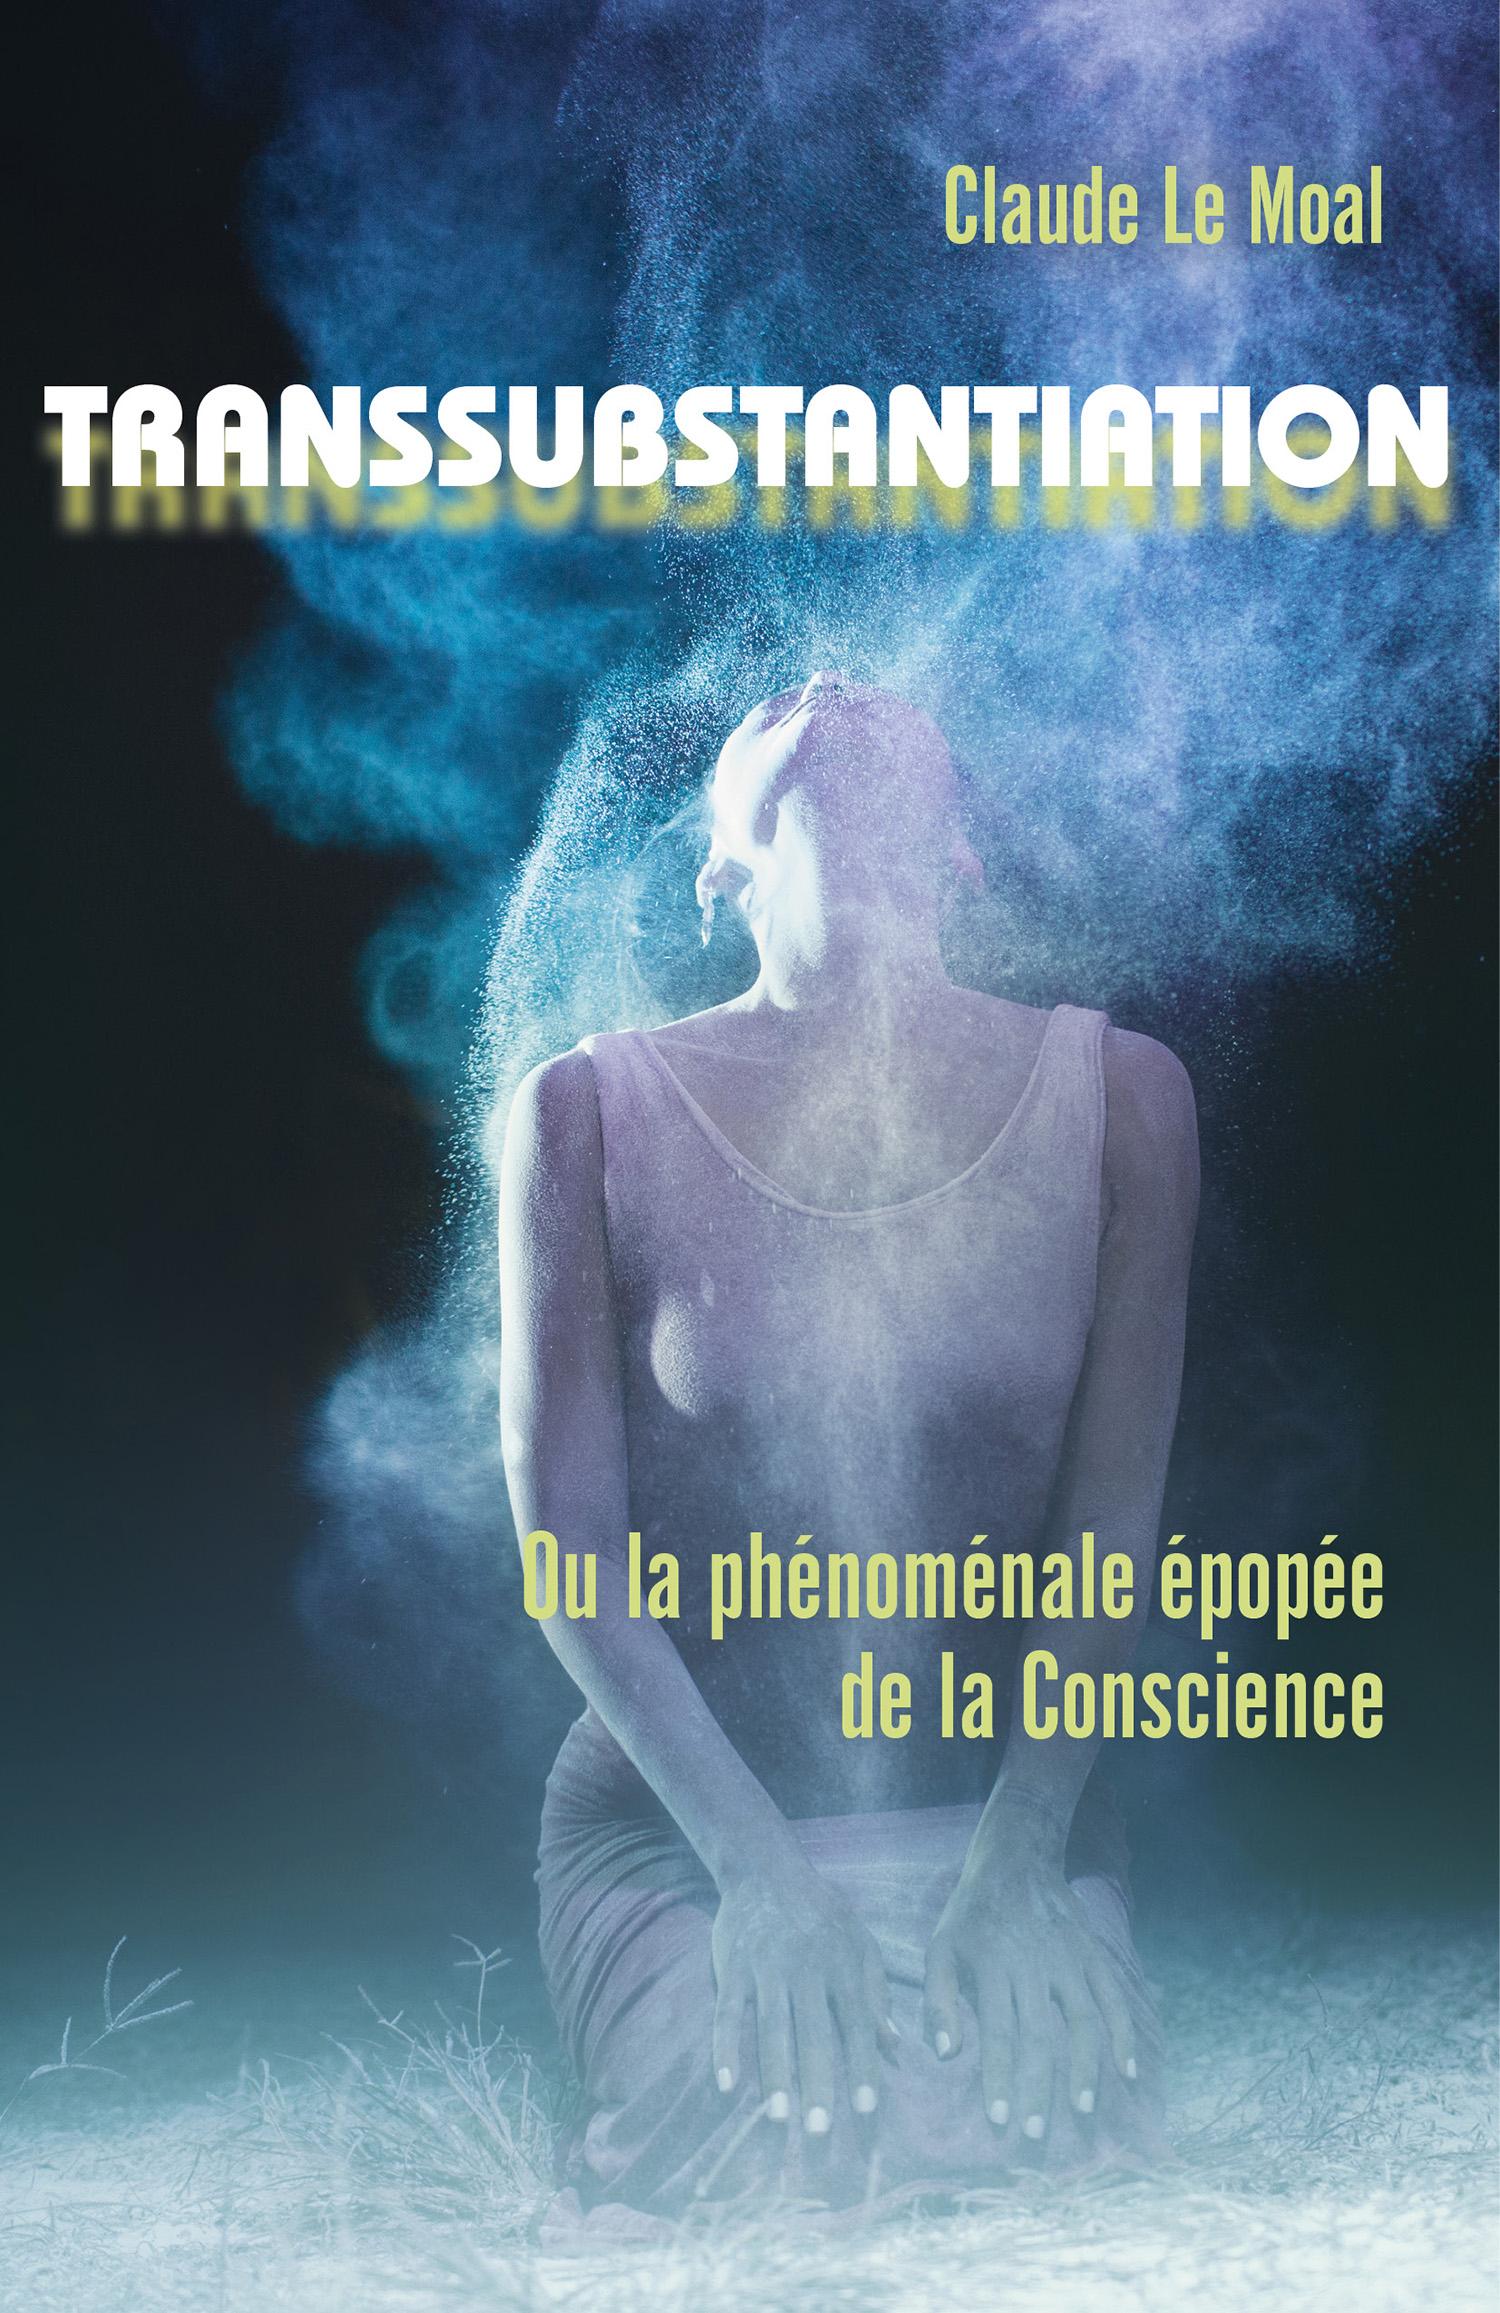 Transsubstantiation, Ou la phénoménale épopée de la Conscience